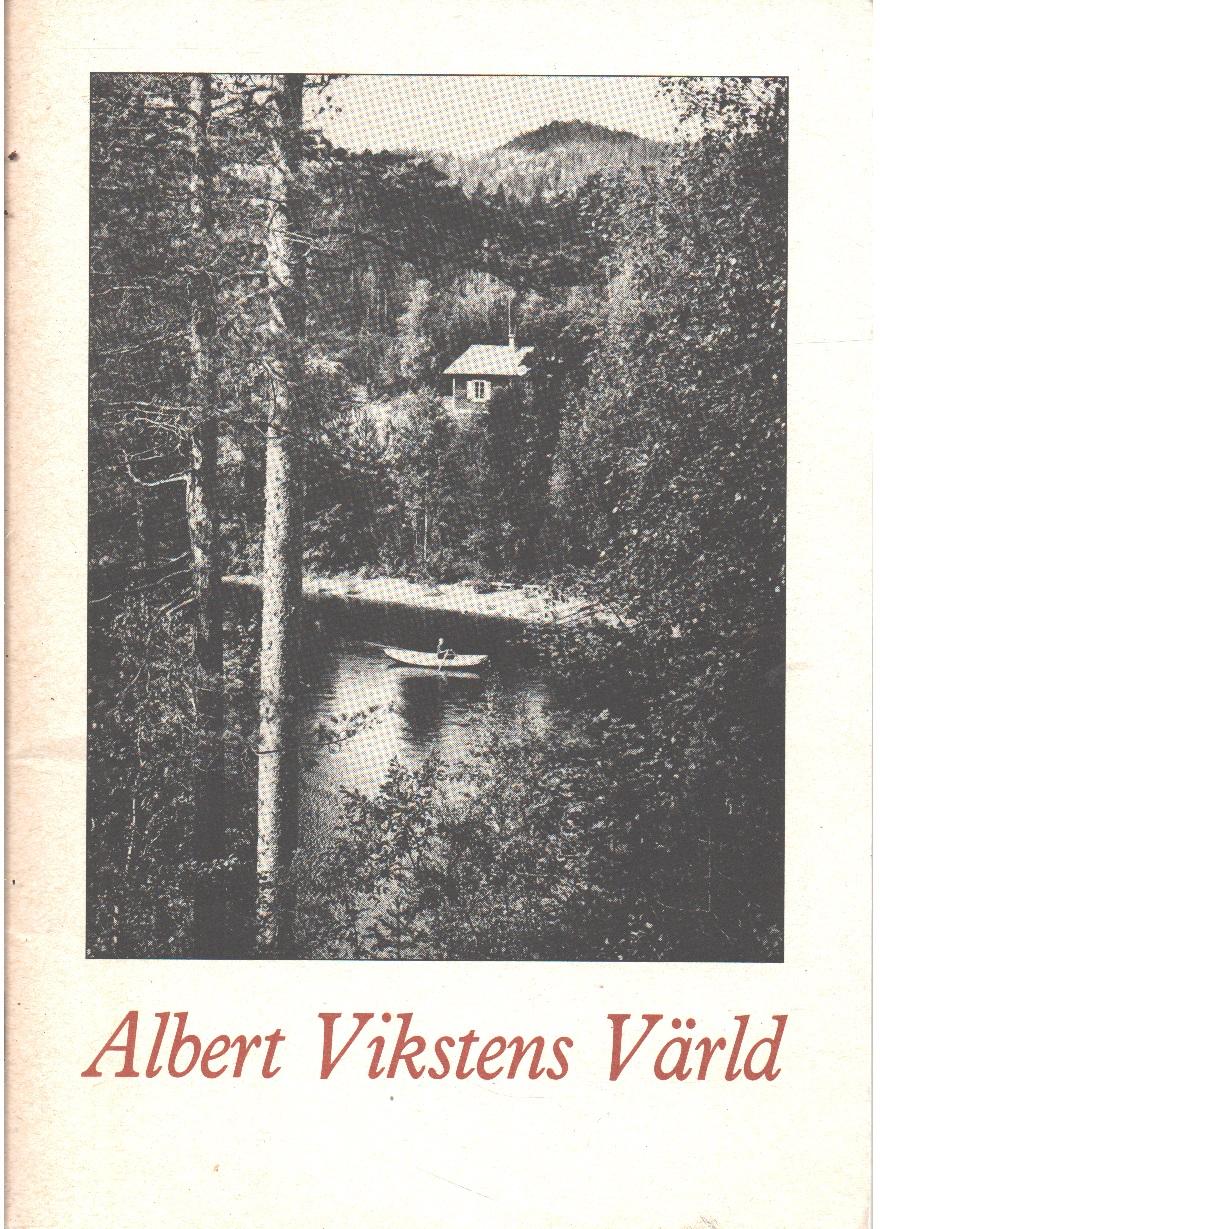 Albert Vikstens värld - Red. Mickelsson, Hilding  och Albert Viksten sällskapet